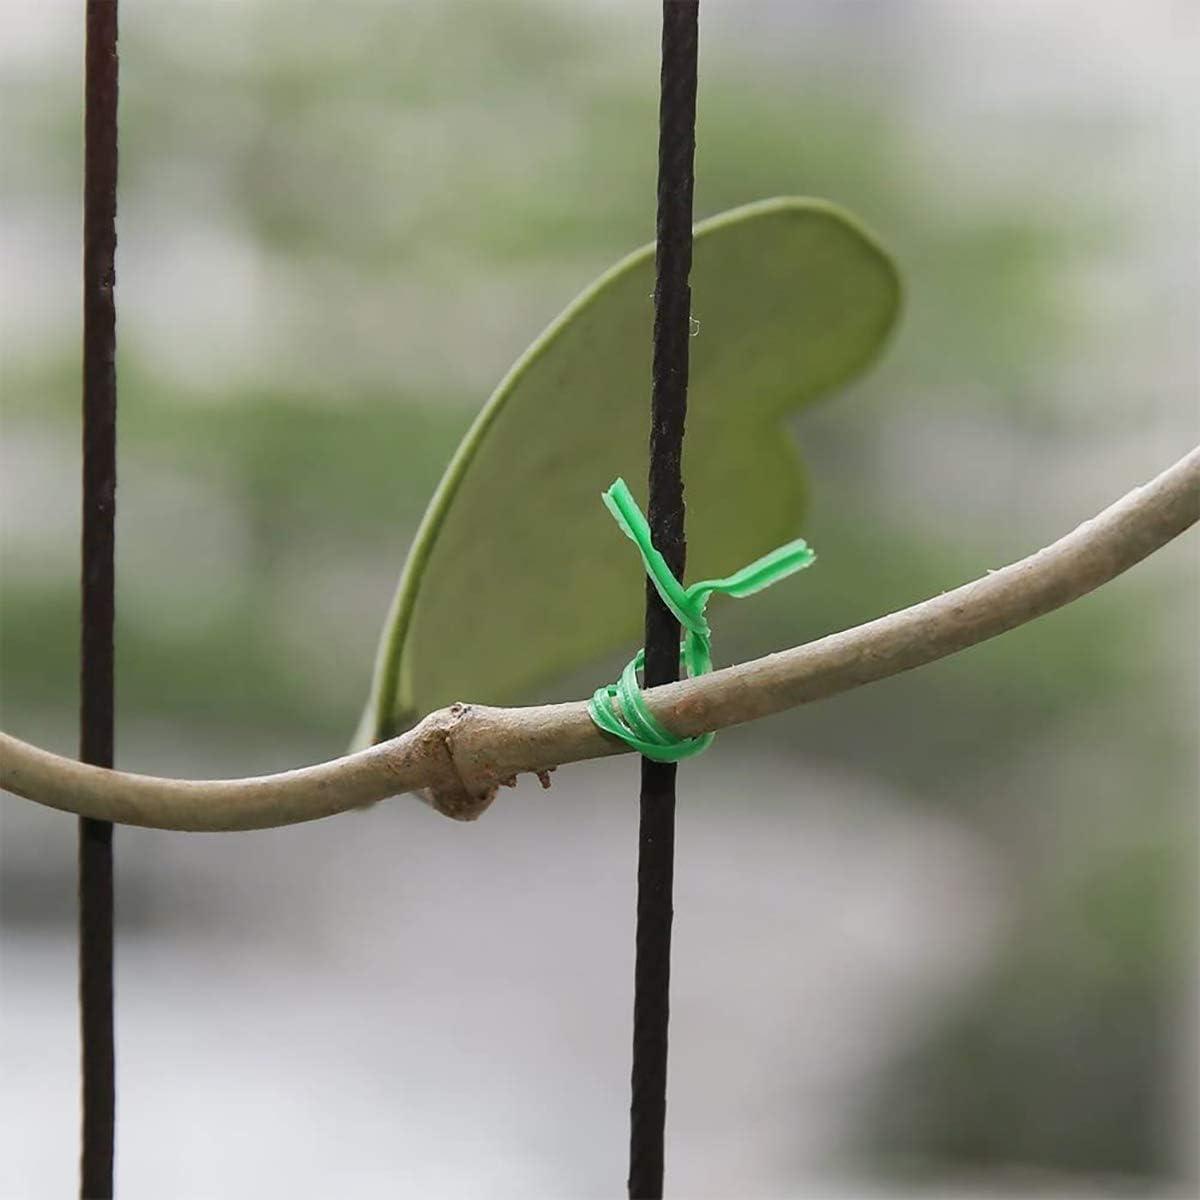 Fascette da Giardinaggio Legami HNJKJEU 100 m Cravatta da Giardino Verde Cravatta vegetale Morbida per Supporto pianta Albero